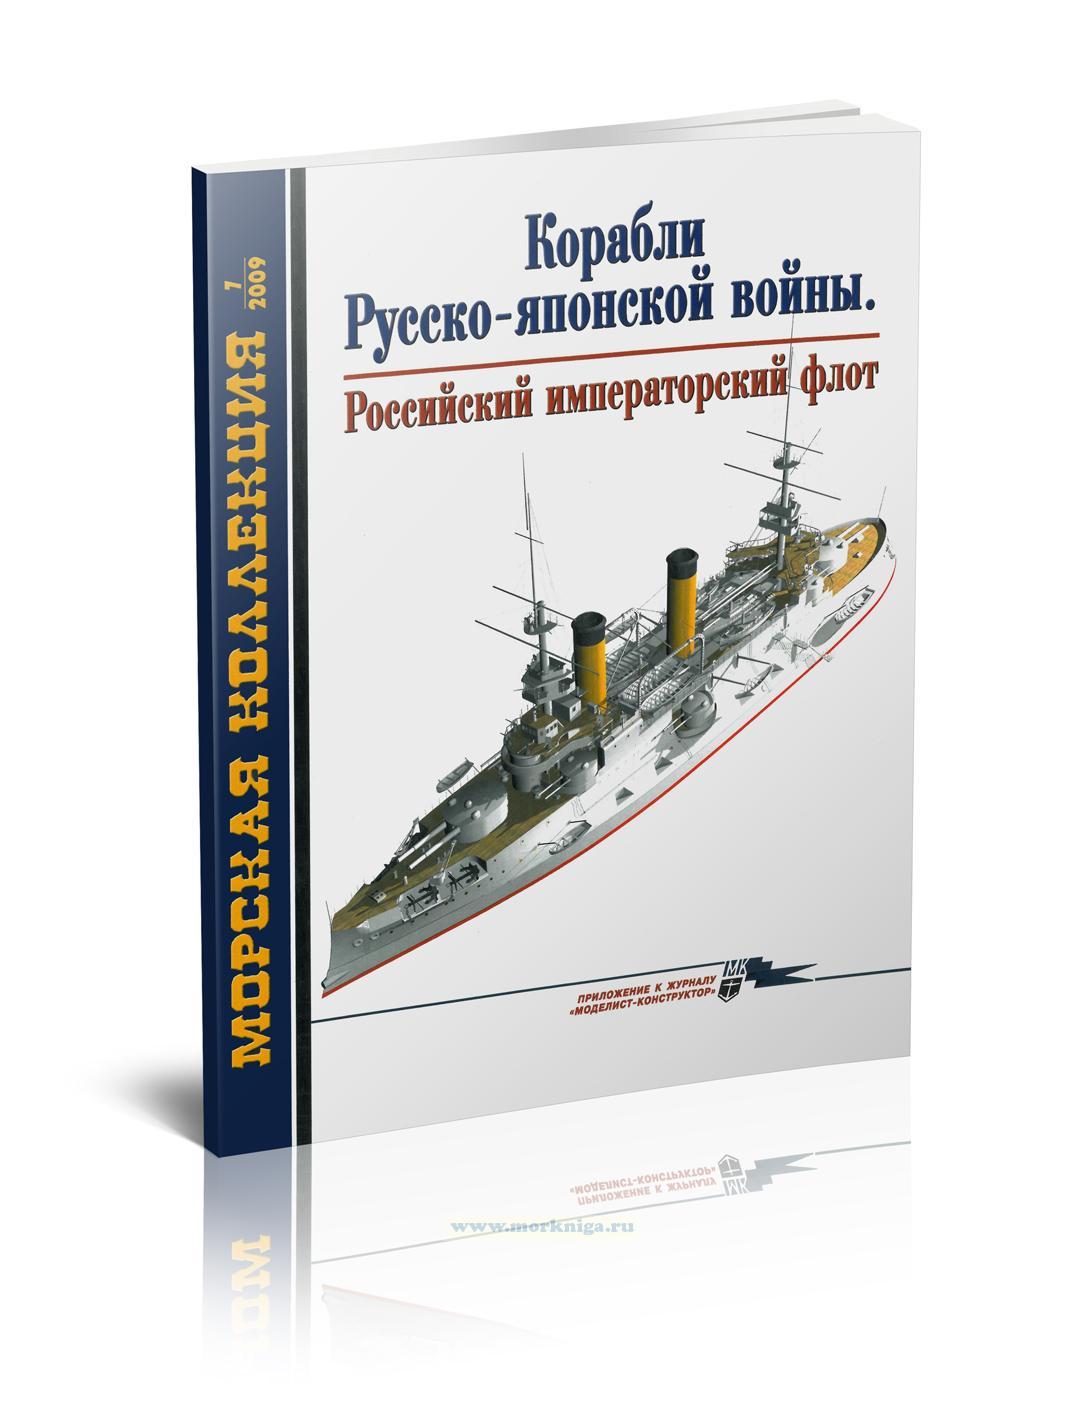 Корабли Русско-японской войны. Российский императорский флот. Морская коллекция №7 (2009)